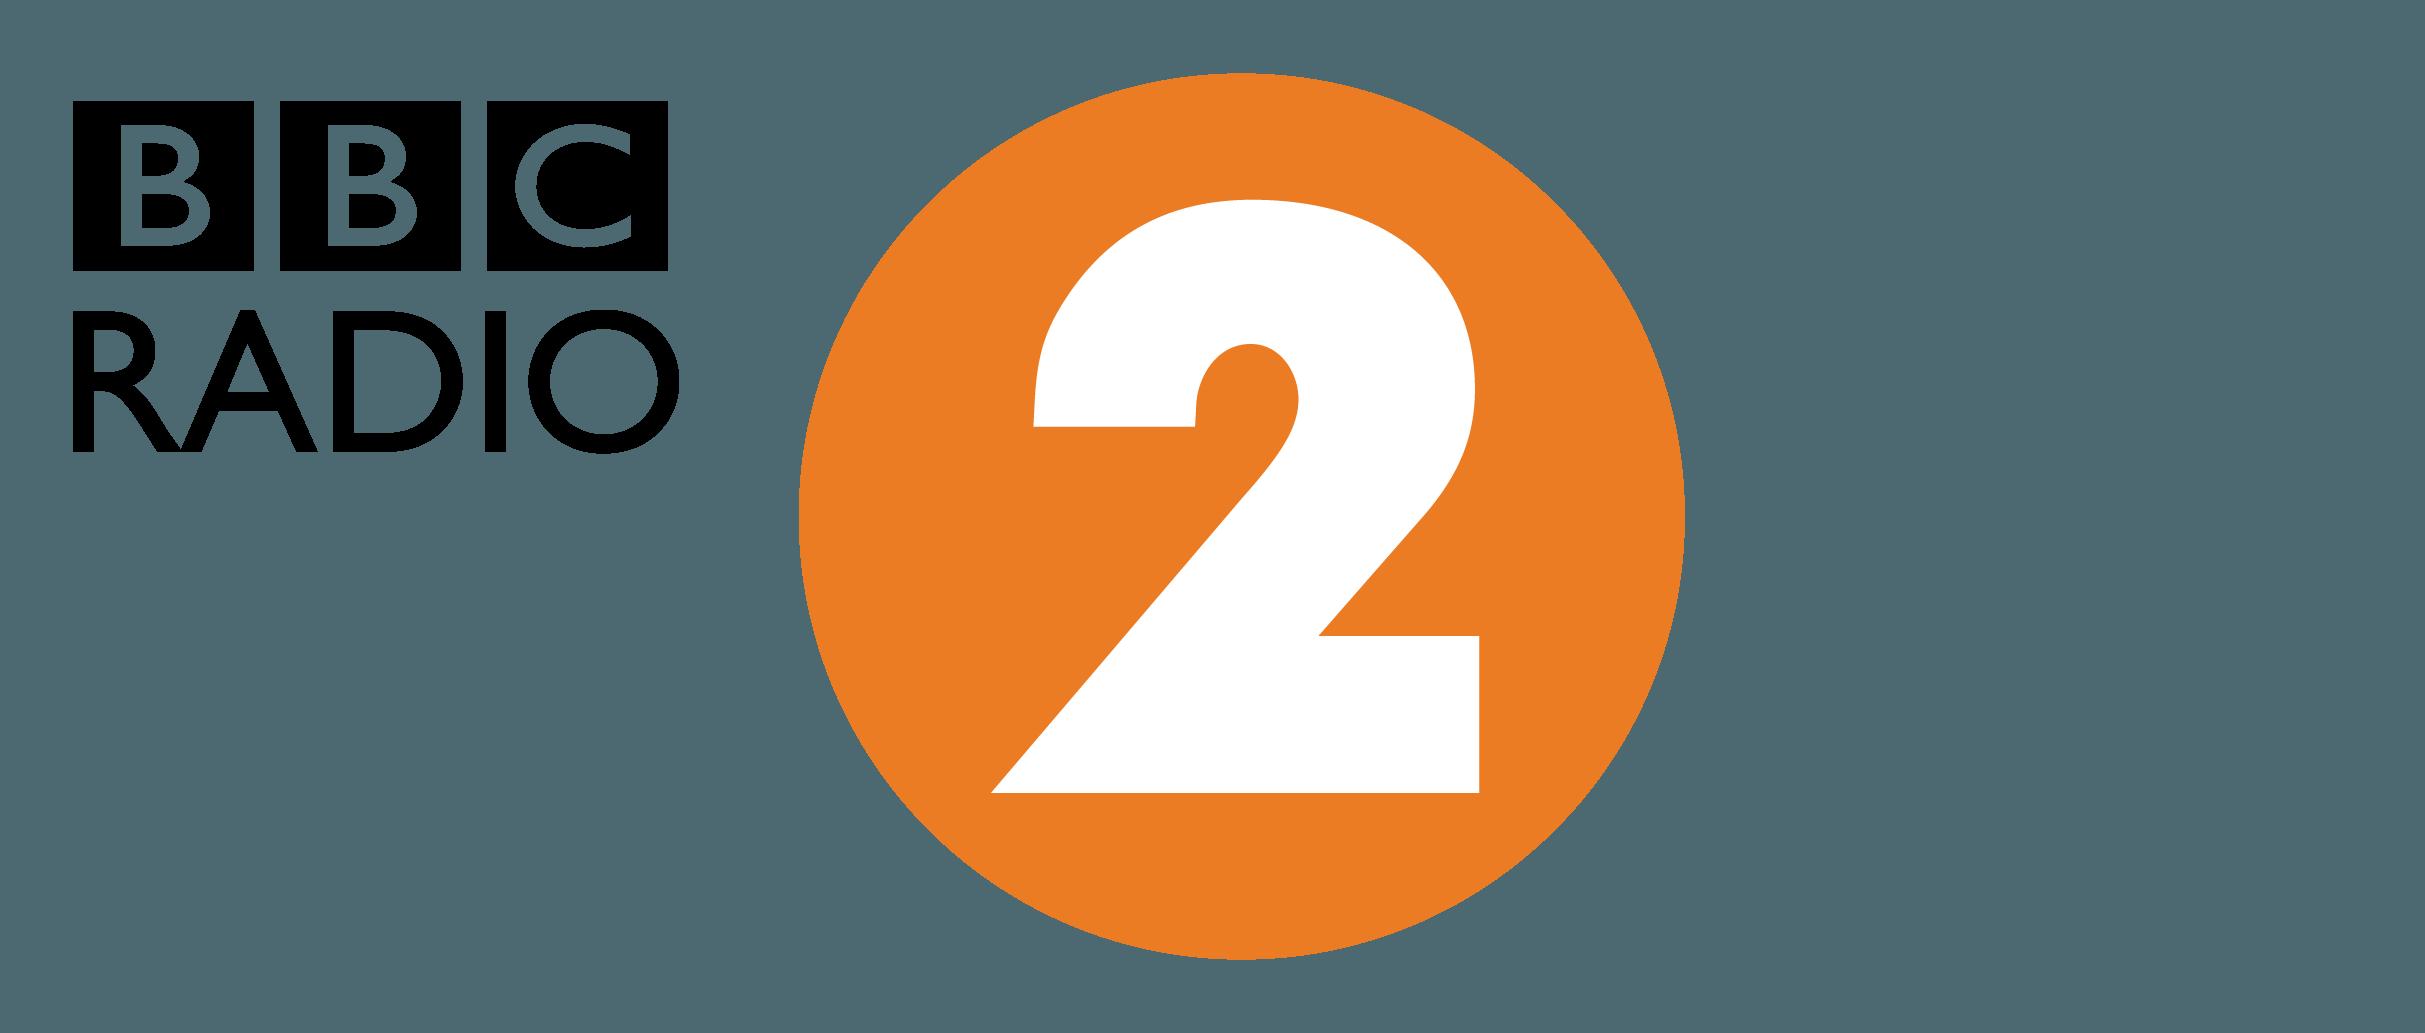 radio 2, logo, eyes on st albans, colour blindness, enchroma, opticians, glasses for colour blindness, st albans